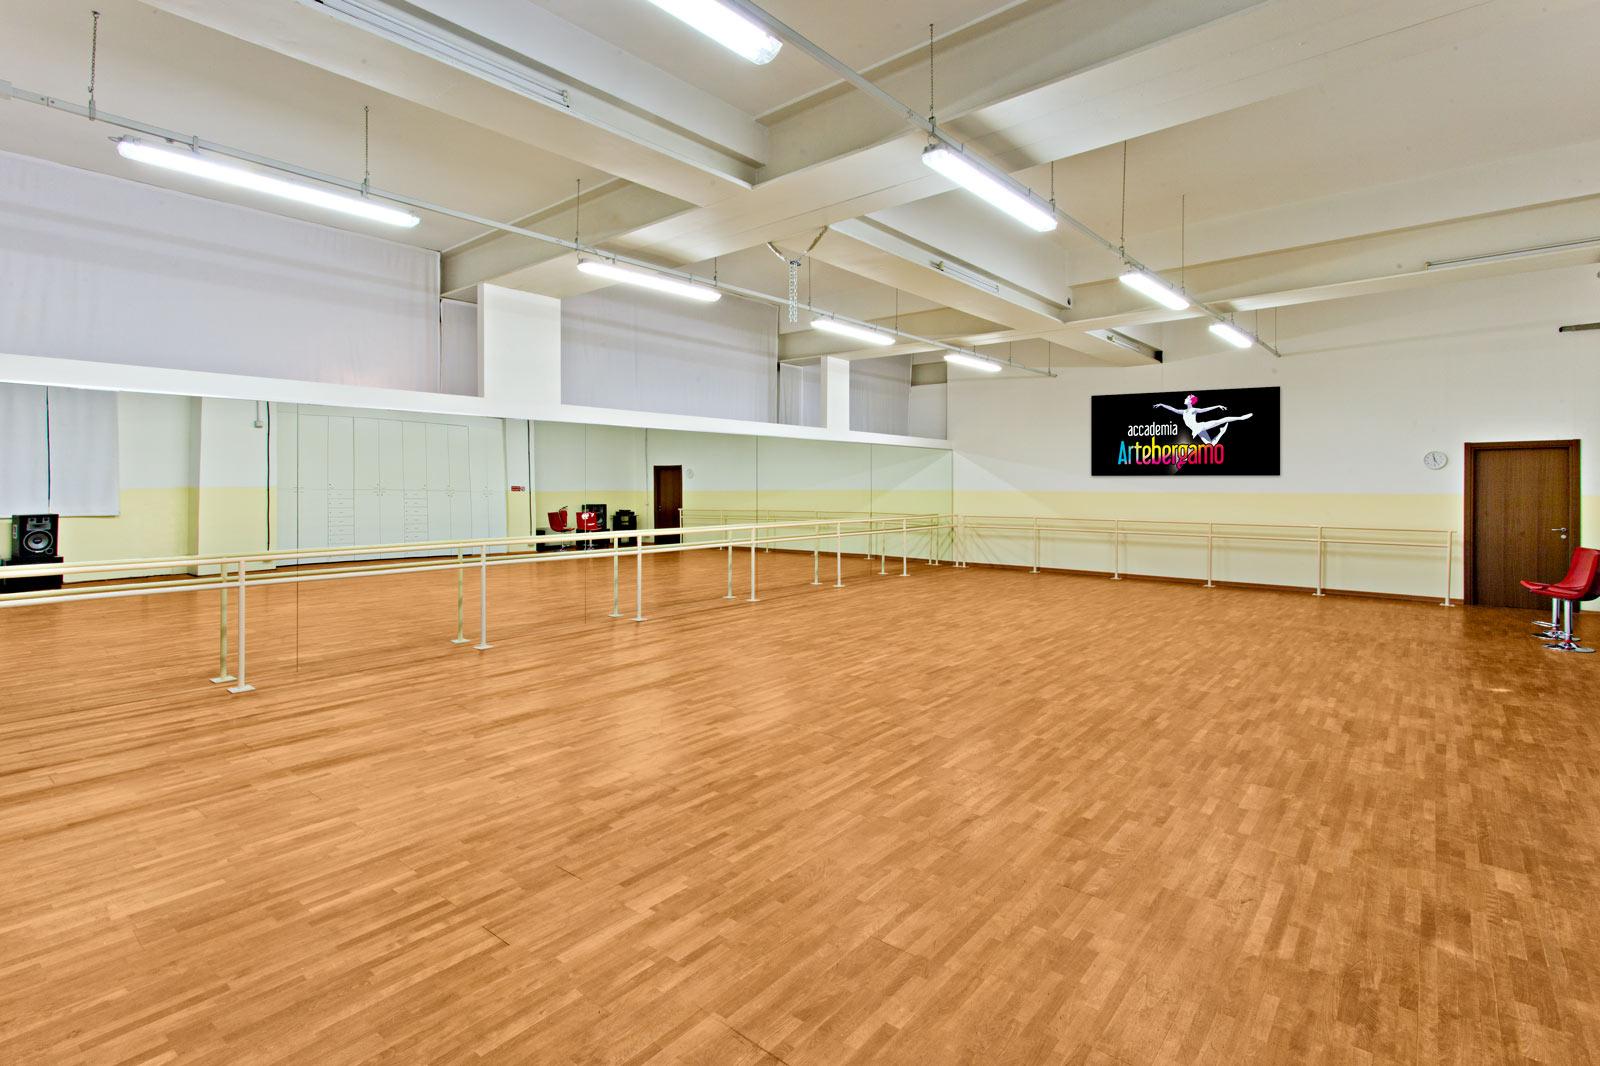 Accademia Arte Bergamo - Sale didattiche e sale ballo